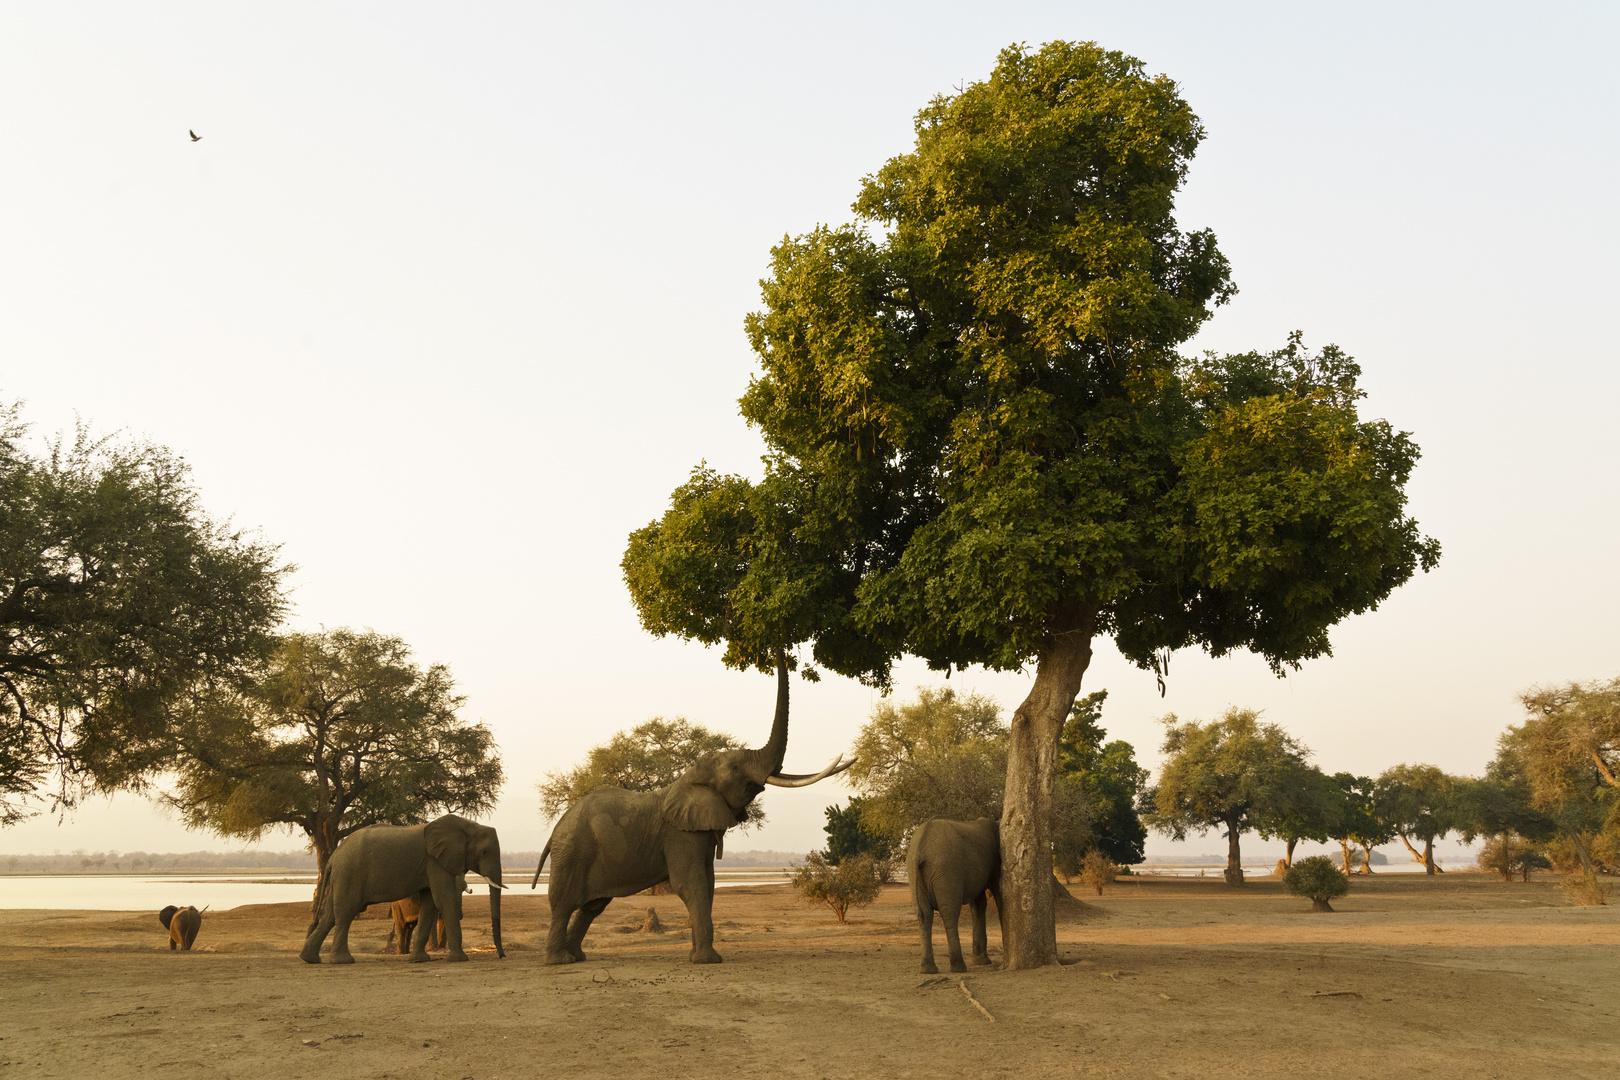 Elefanten im Mana Pools NP, Zimbabwe, 21.09.2019